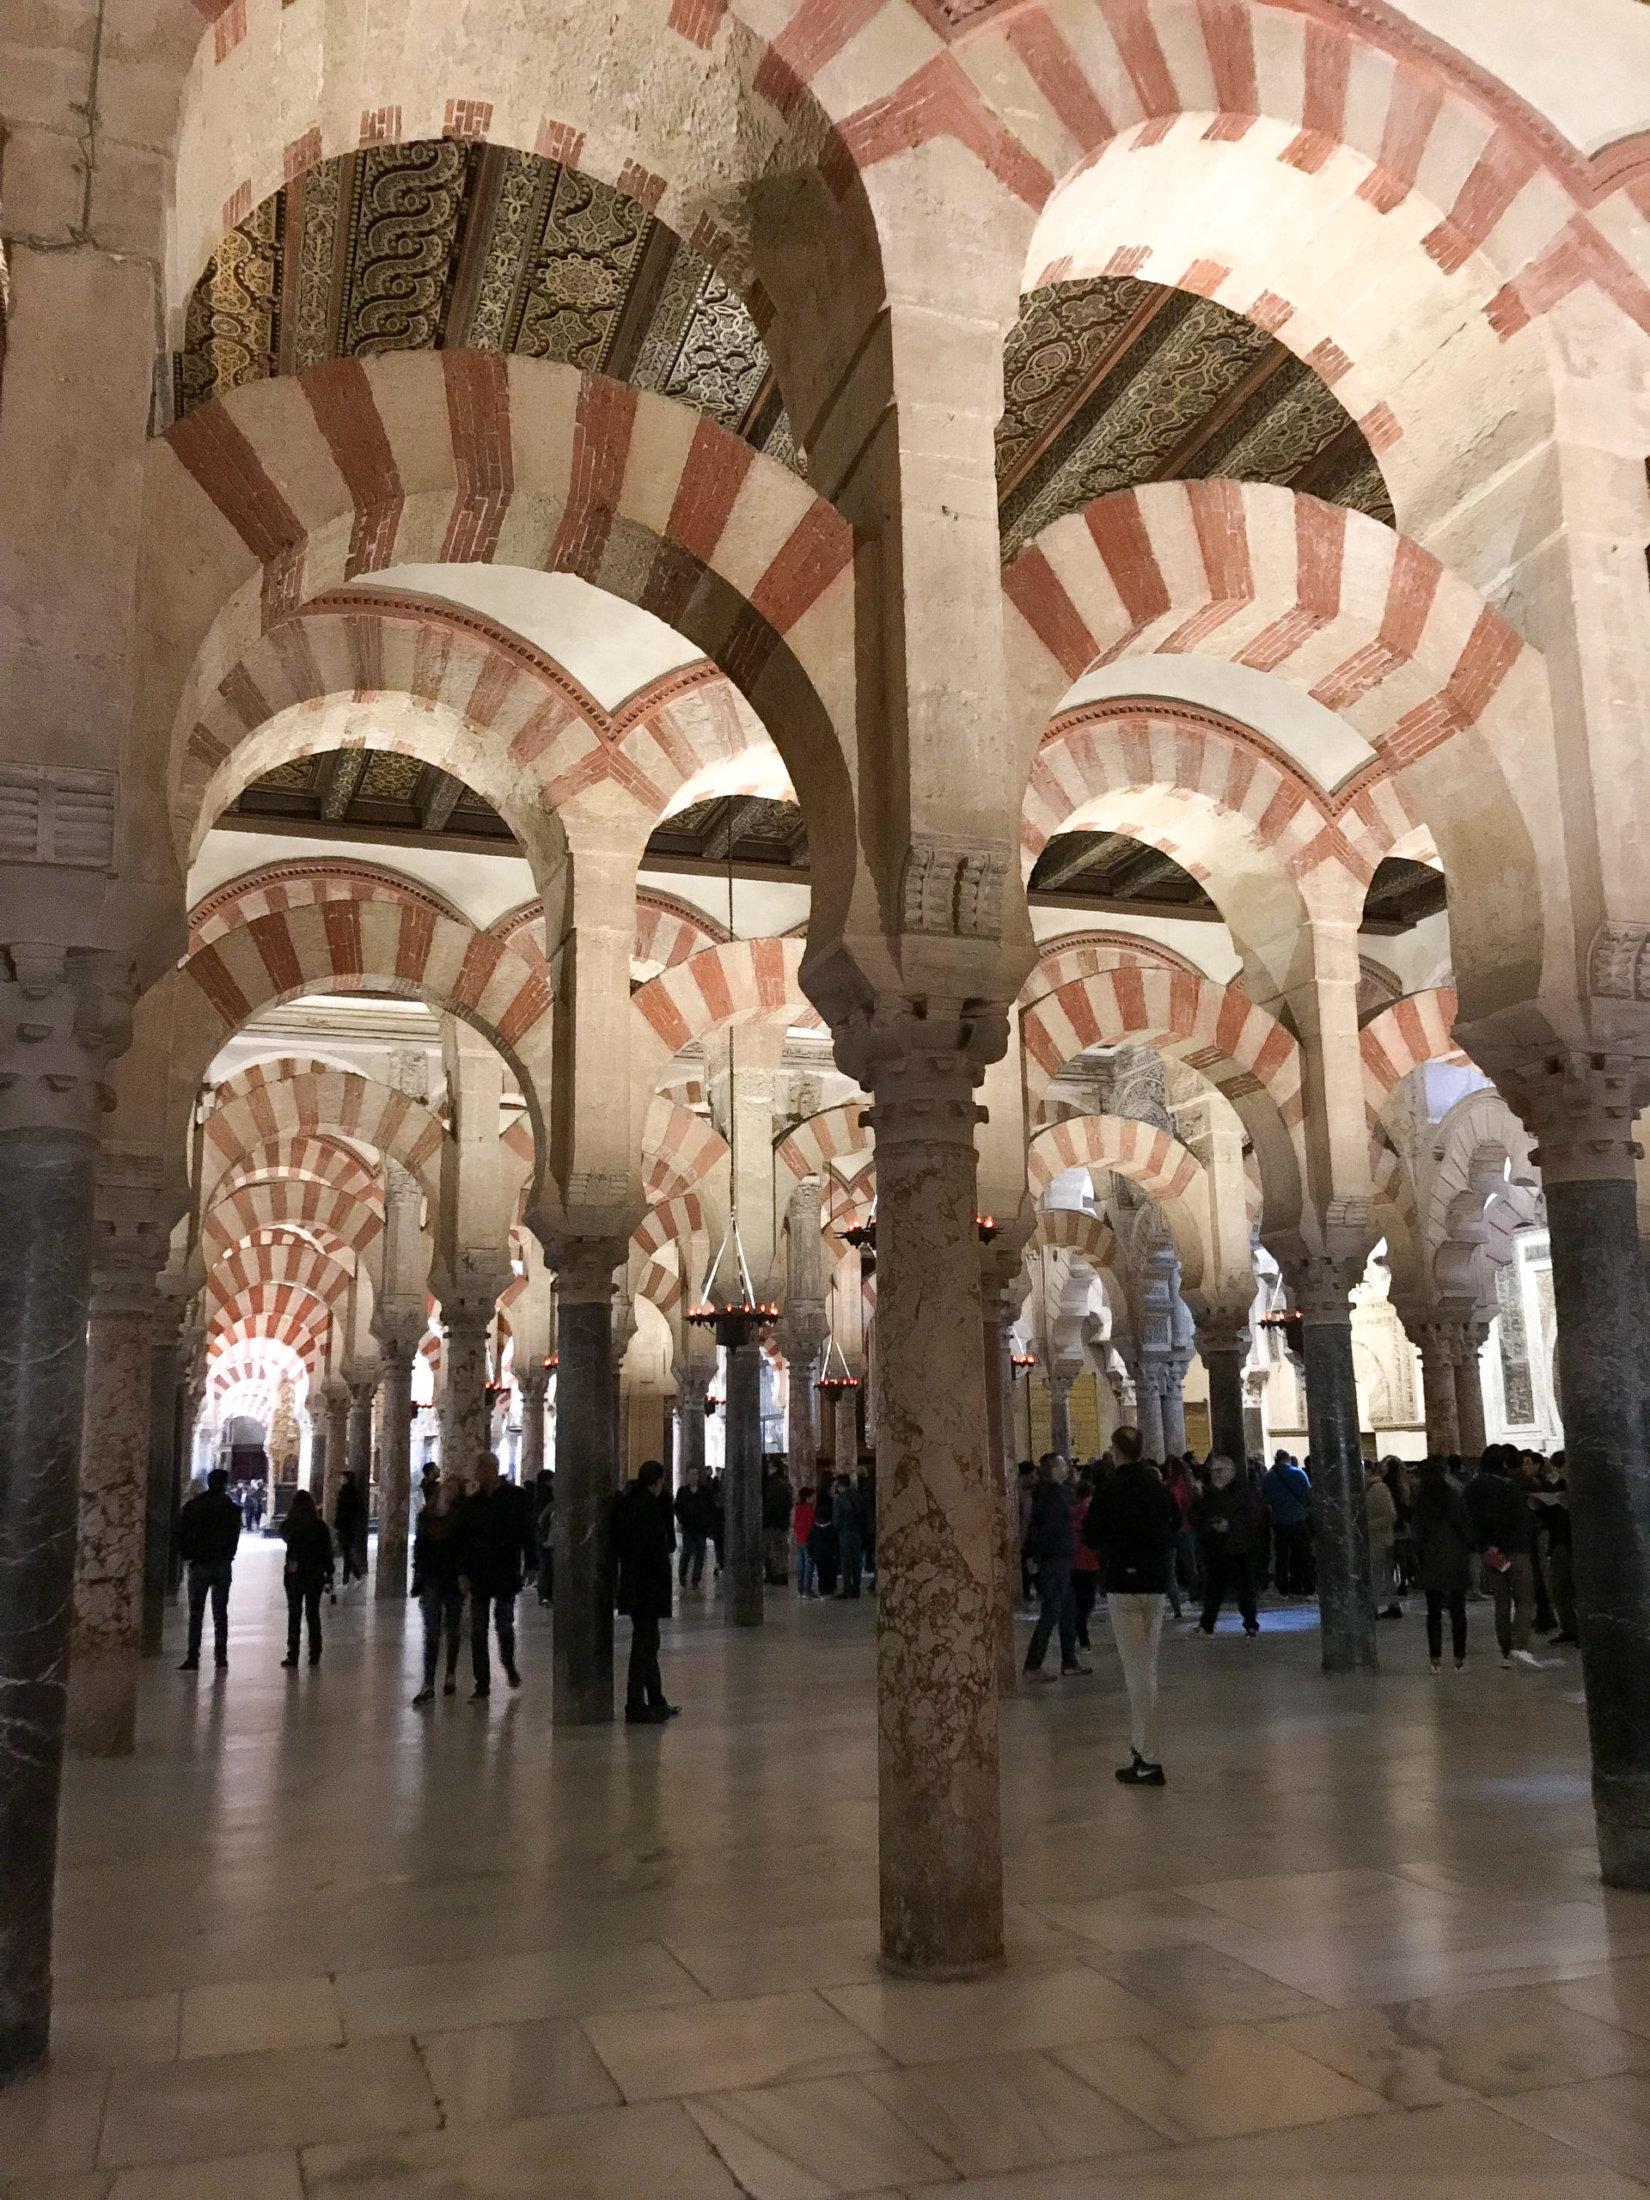 dettaglio_dell_interno_della_mezquita_di_cordoba